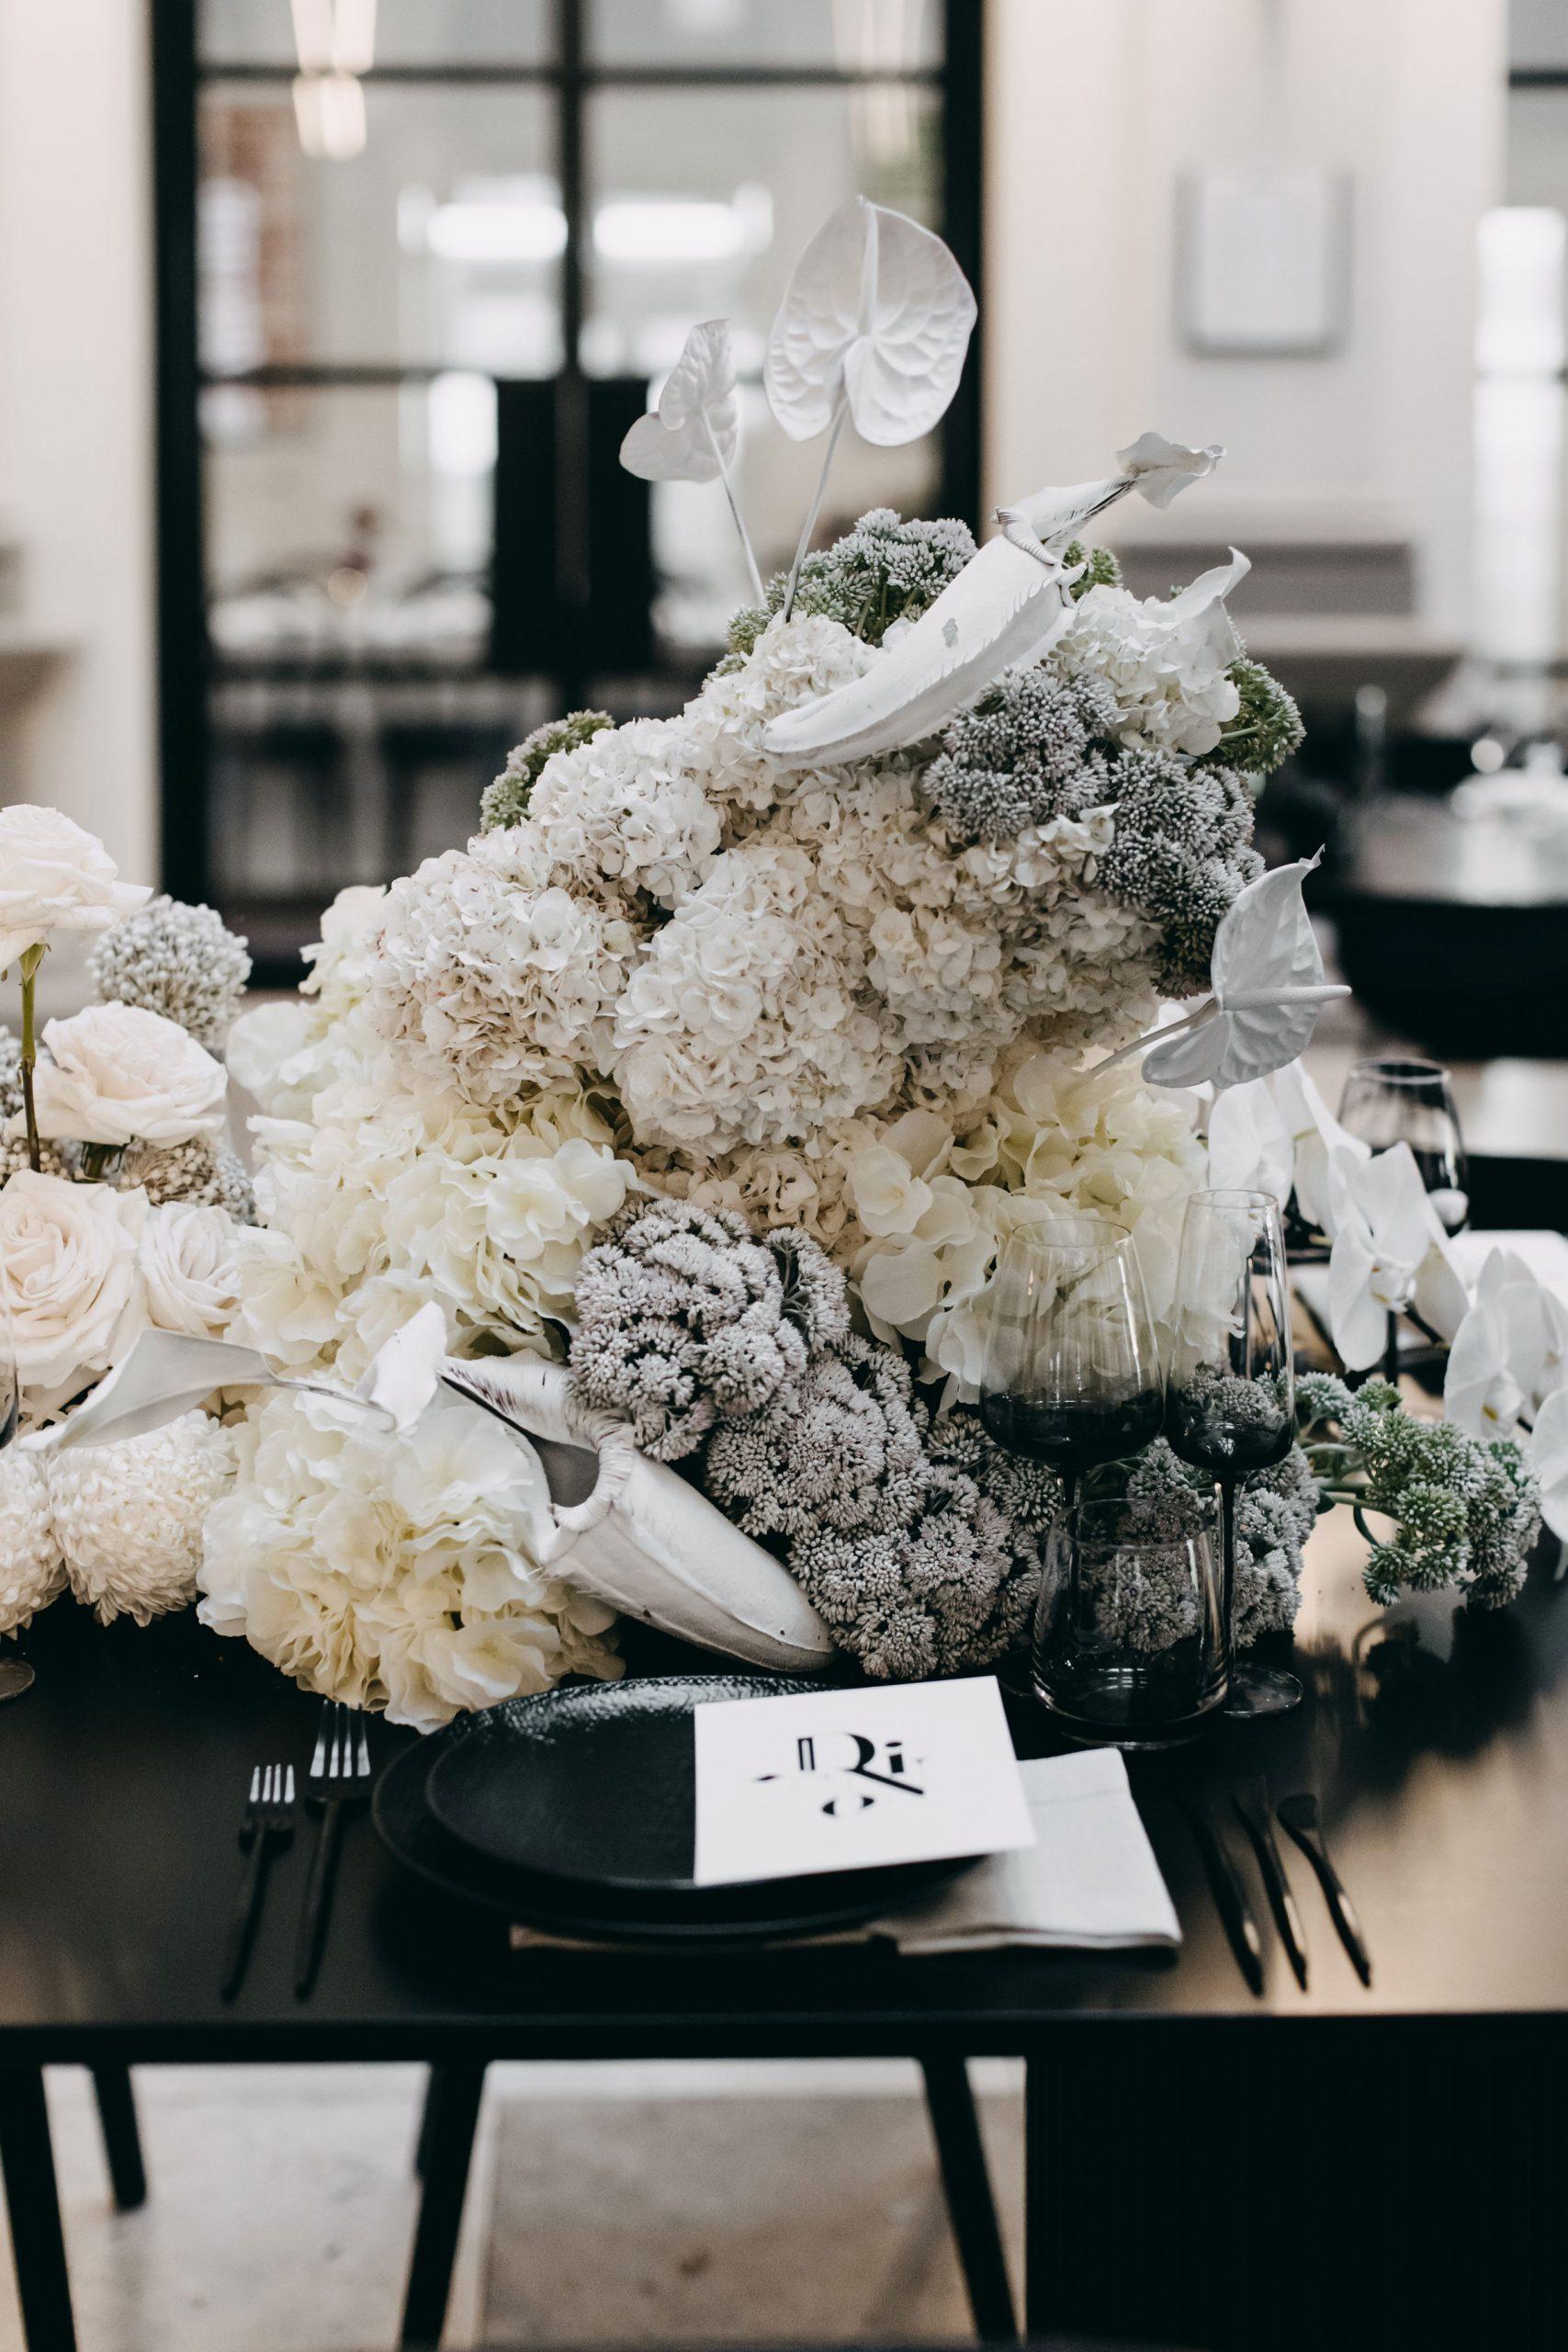 13-WEDDINGOPENDAY-THESTATEBUILDINGS-21FEB2021